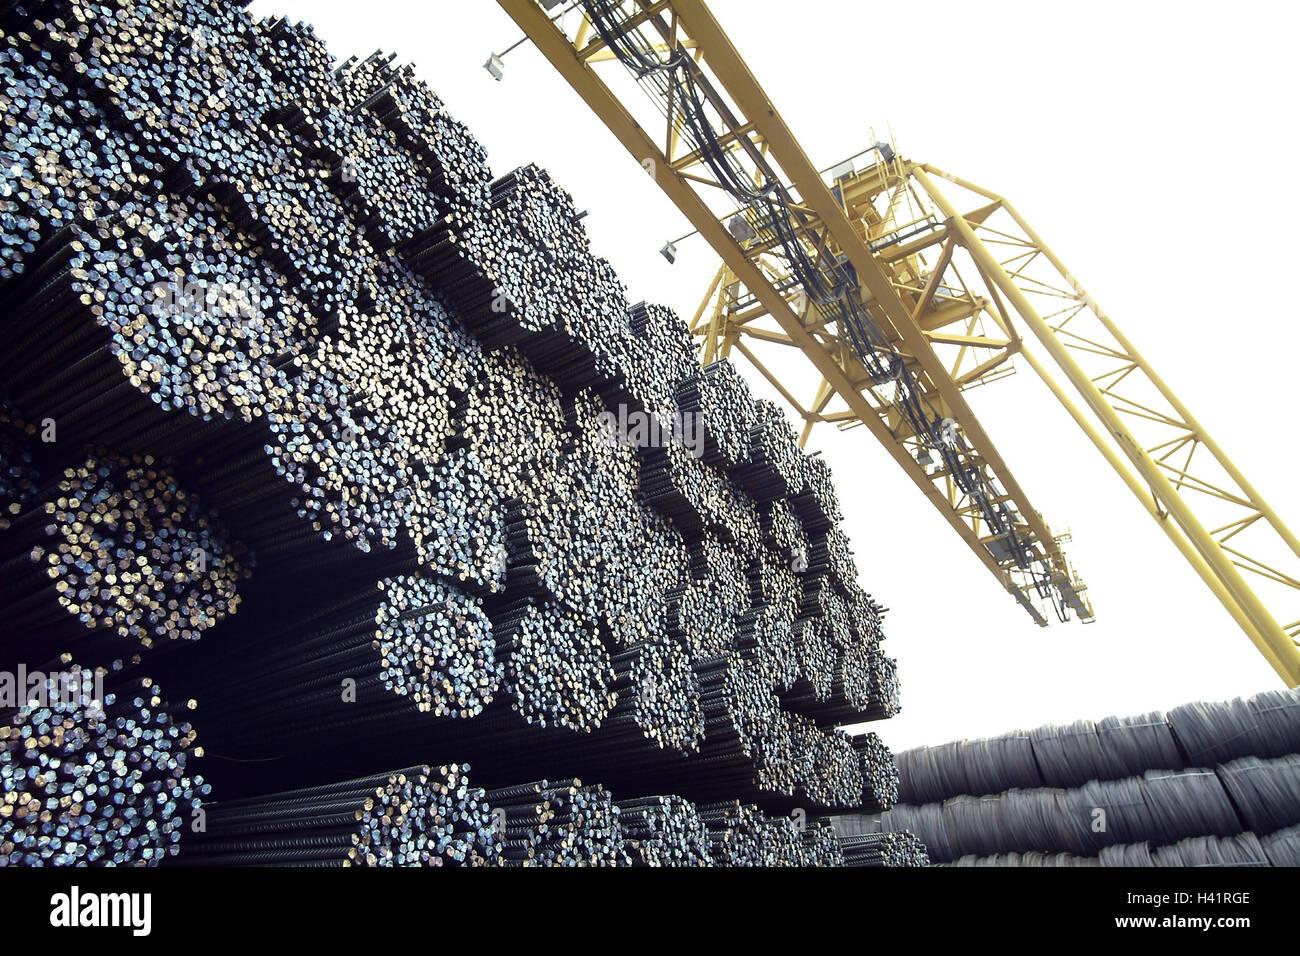 Hafen, Schiff, investieren, Eisenhütten, Lauffläche-Runde bar Stahl ...